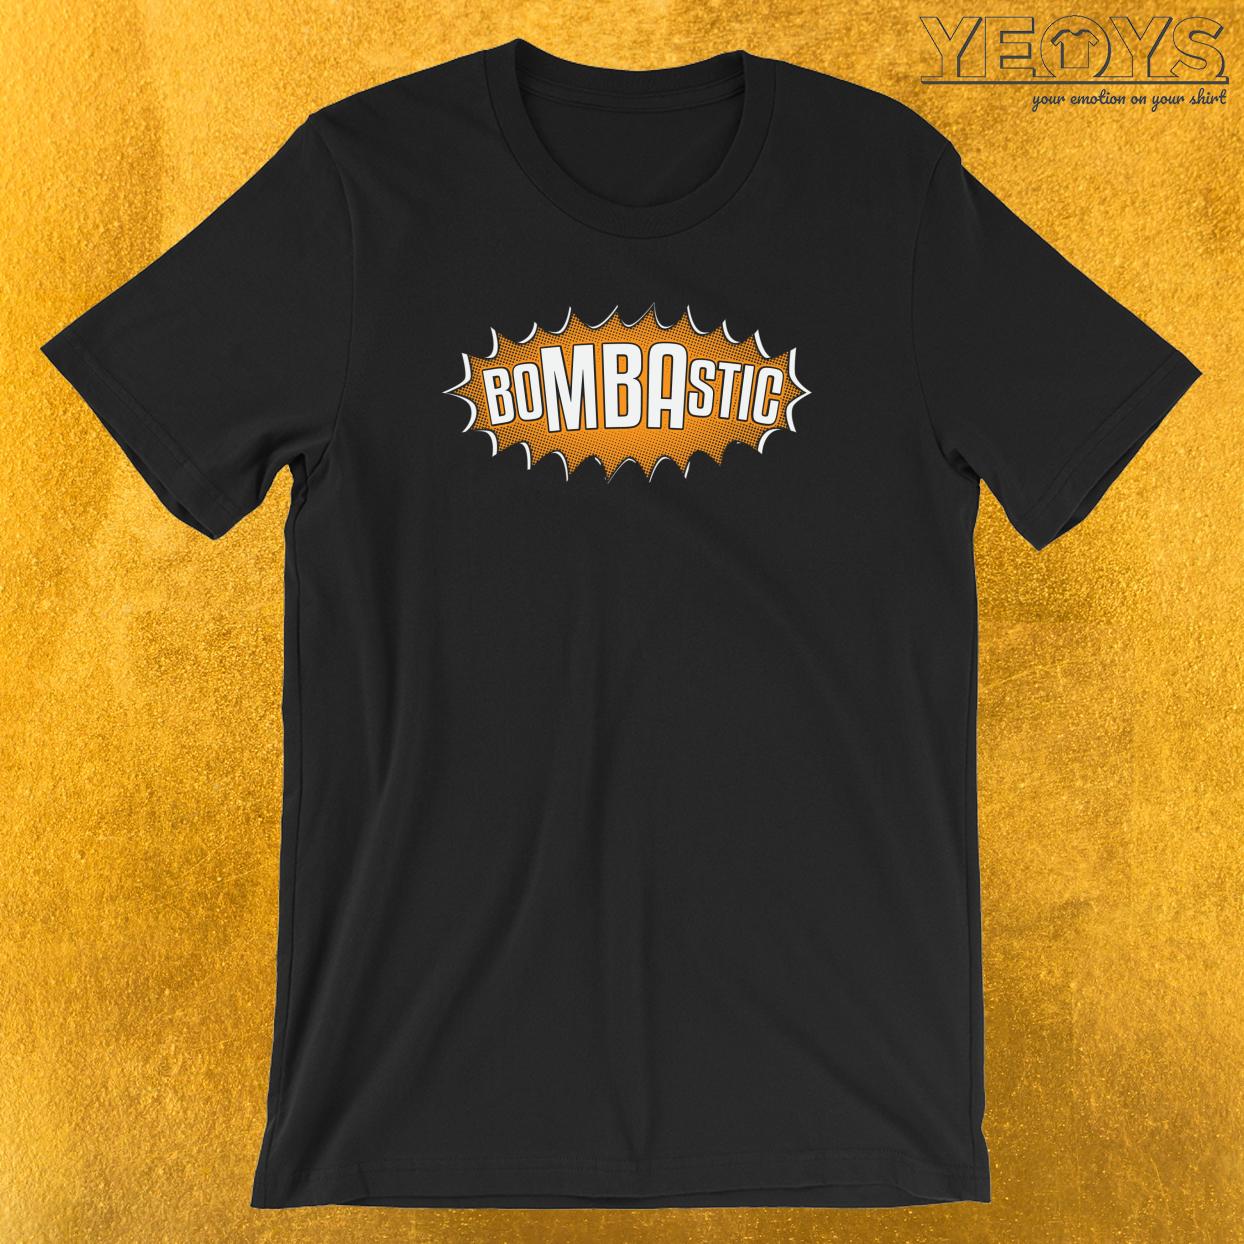 Bombastic T-Shirt